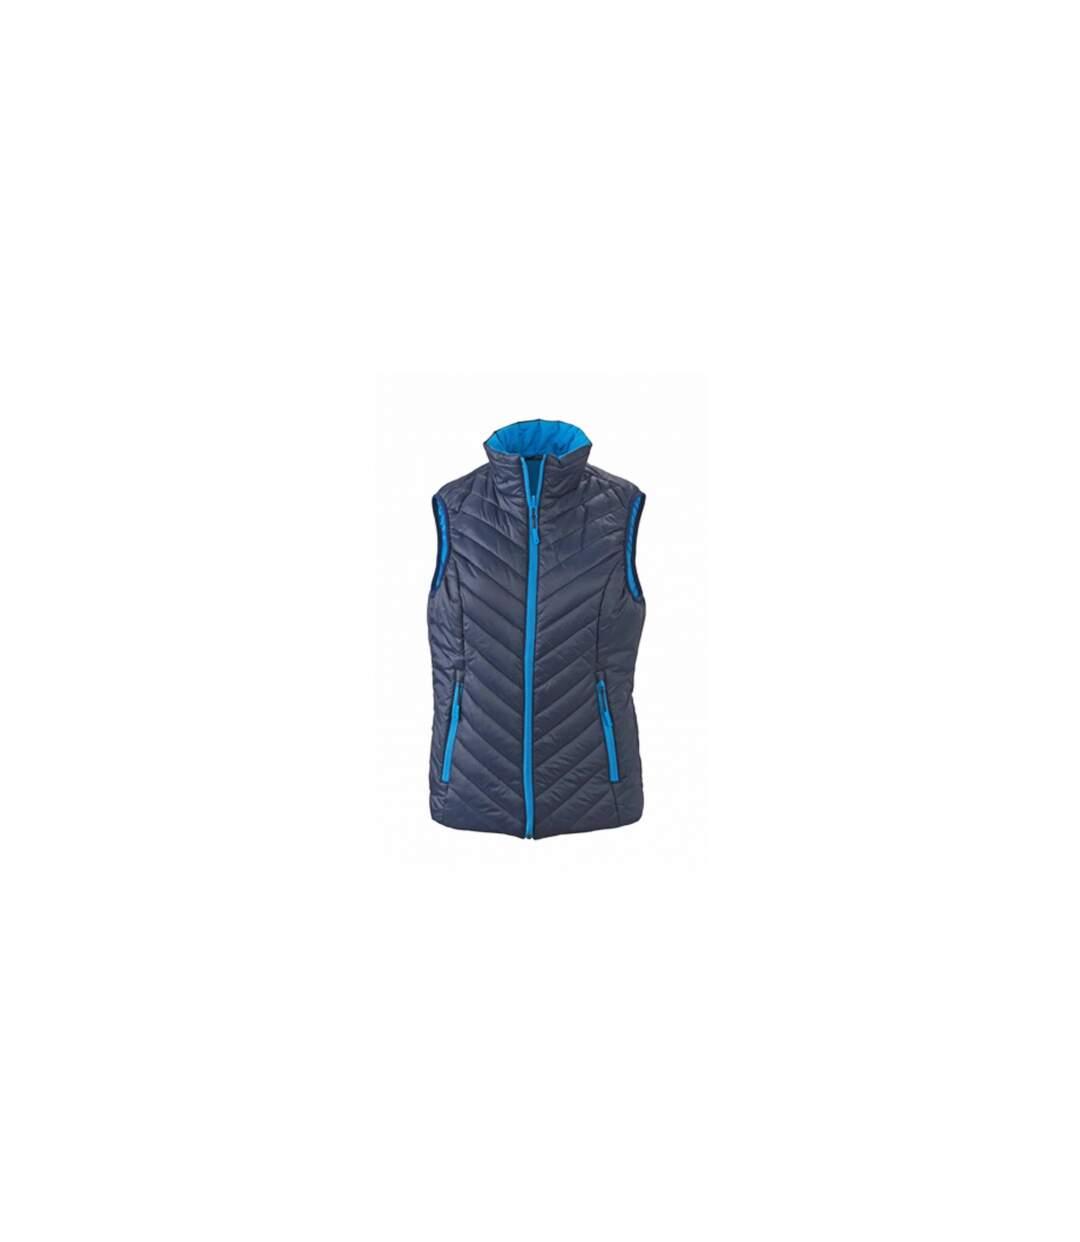 Doudoune sans manche FEMME JN1089 - bleu - réversible légère fine